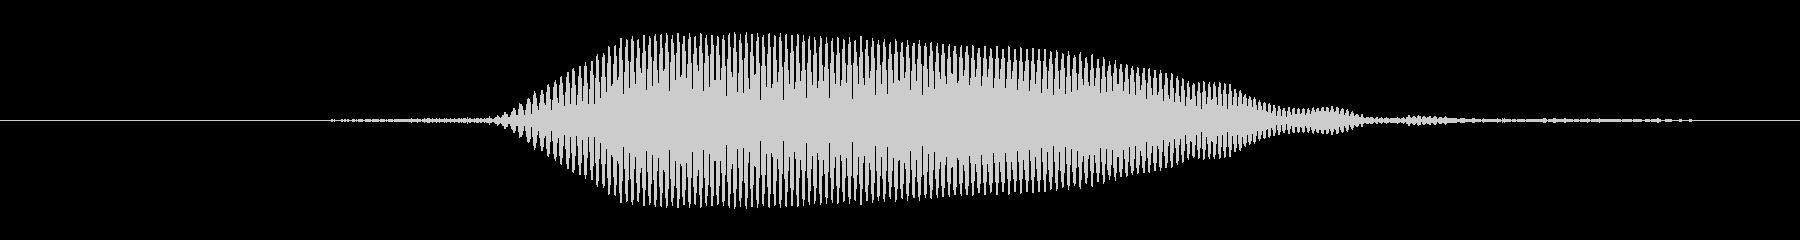 鳴き声 男性のティーンうーん混乱03の未再生の波形